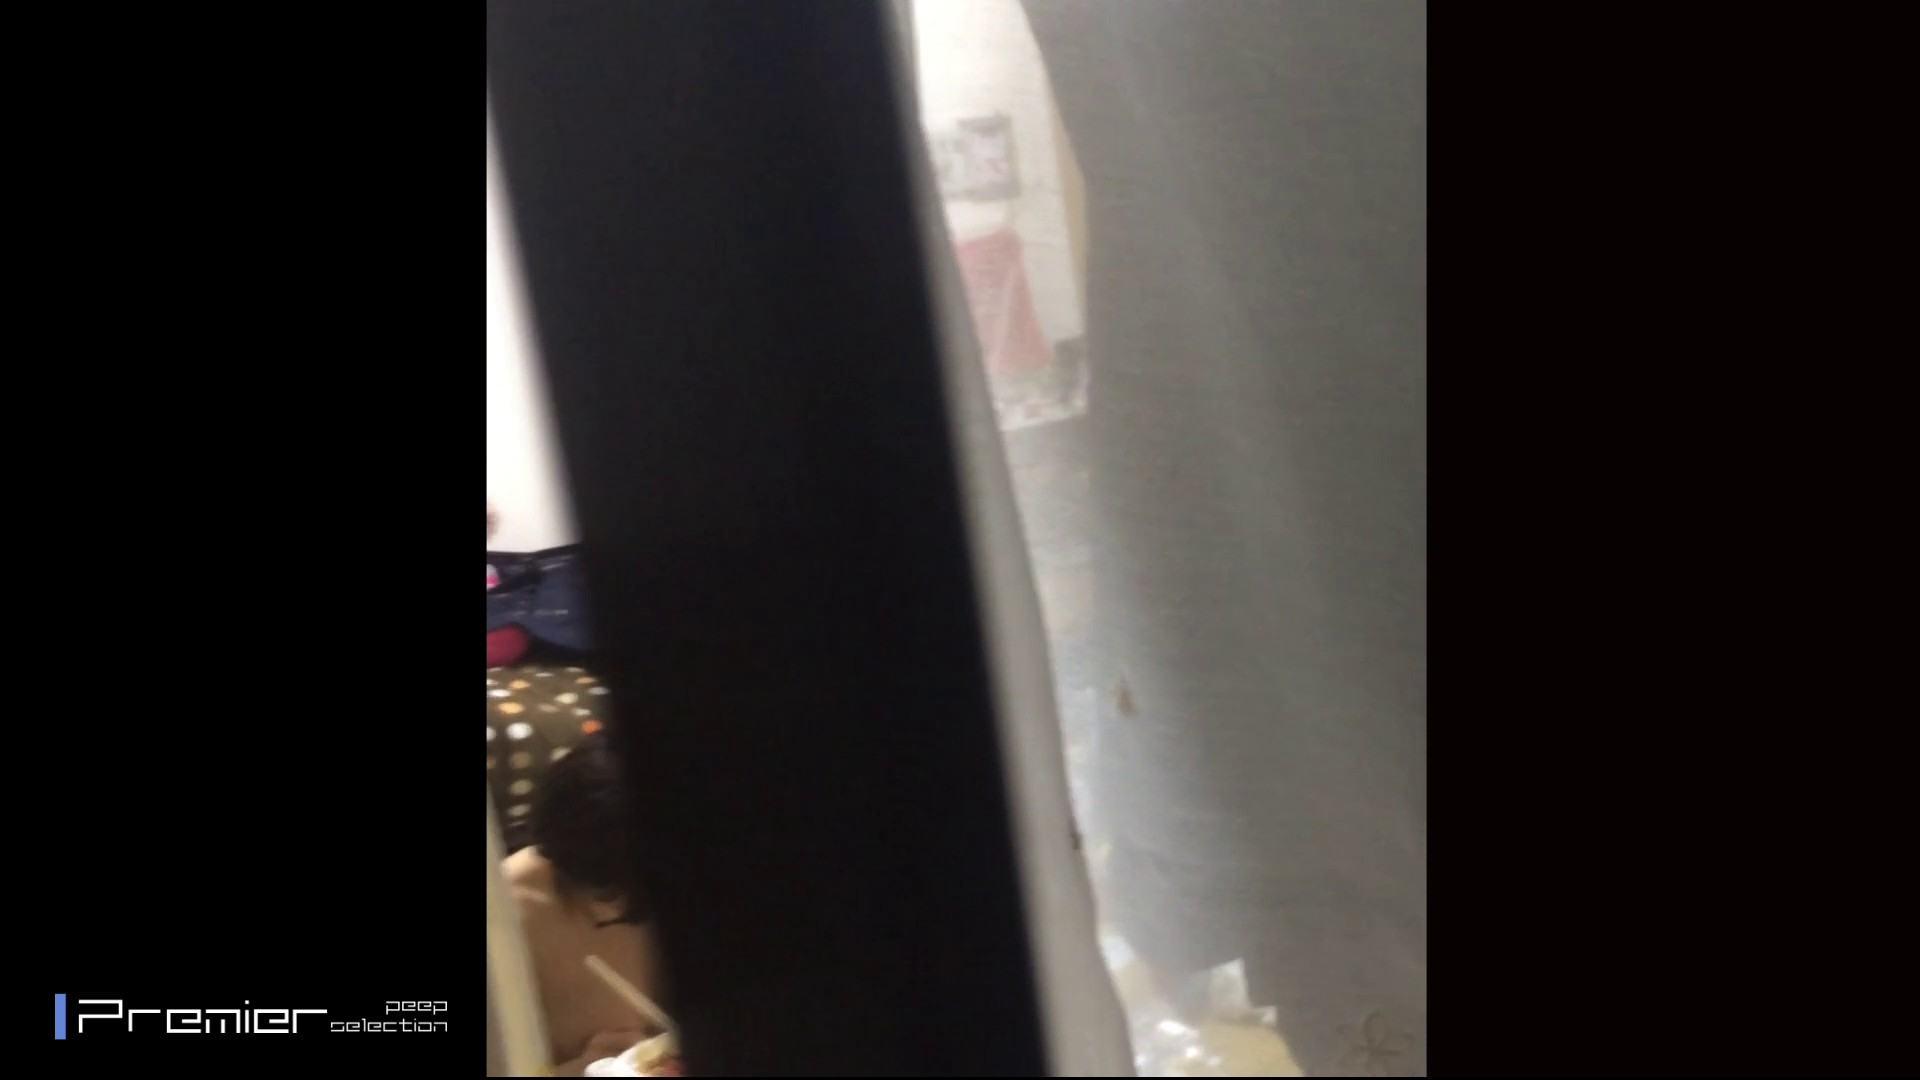 眼鏡美女の食事を隠し撮り 乙女の風呂場 Vol.05 ギャル達 AV無料動画キャプチャ 96枚 47